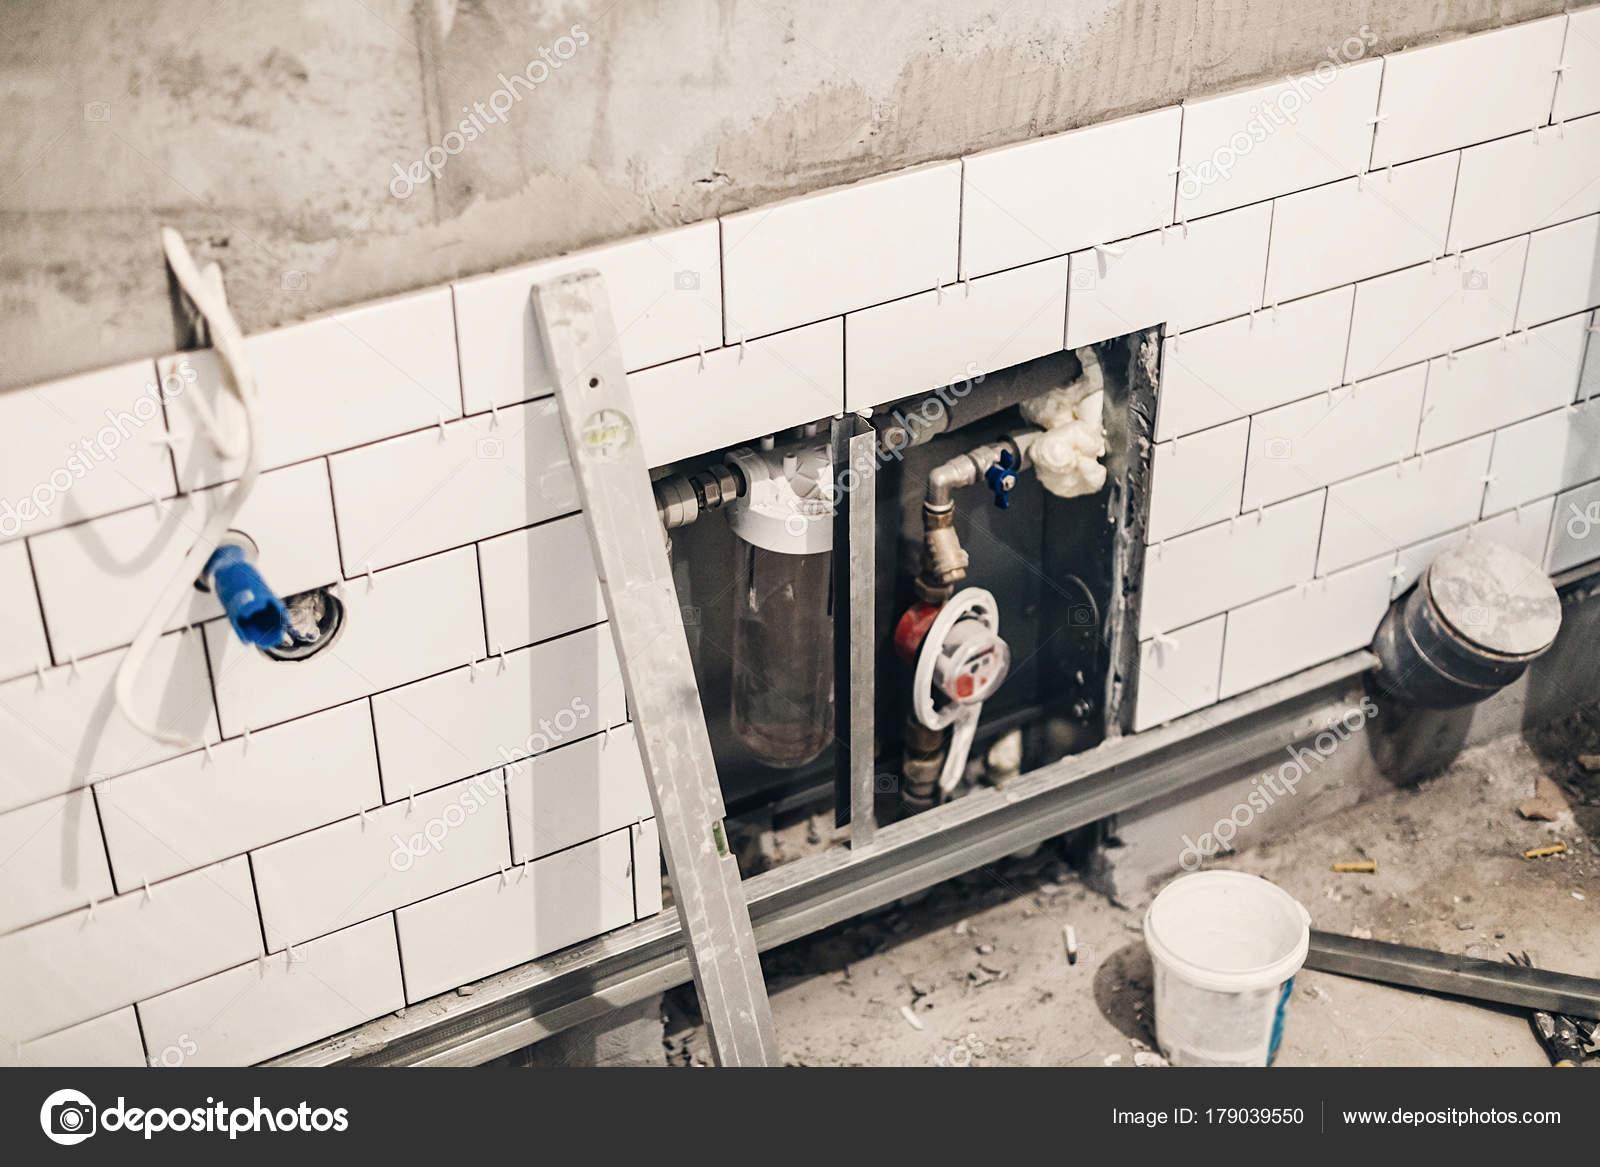 Renovatie Badkamer Tegels : Badkamer renovatie concept pijpen drainage wit stijlvolle tegels